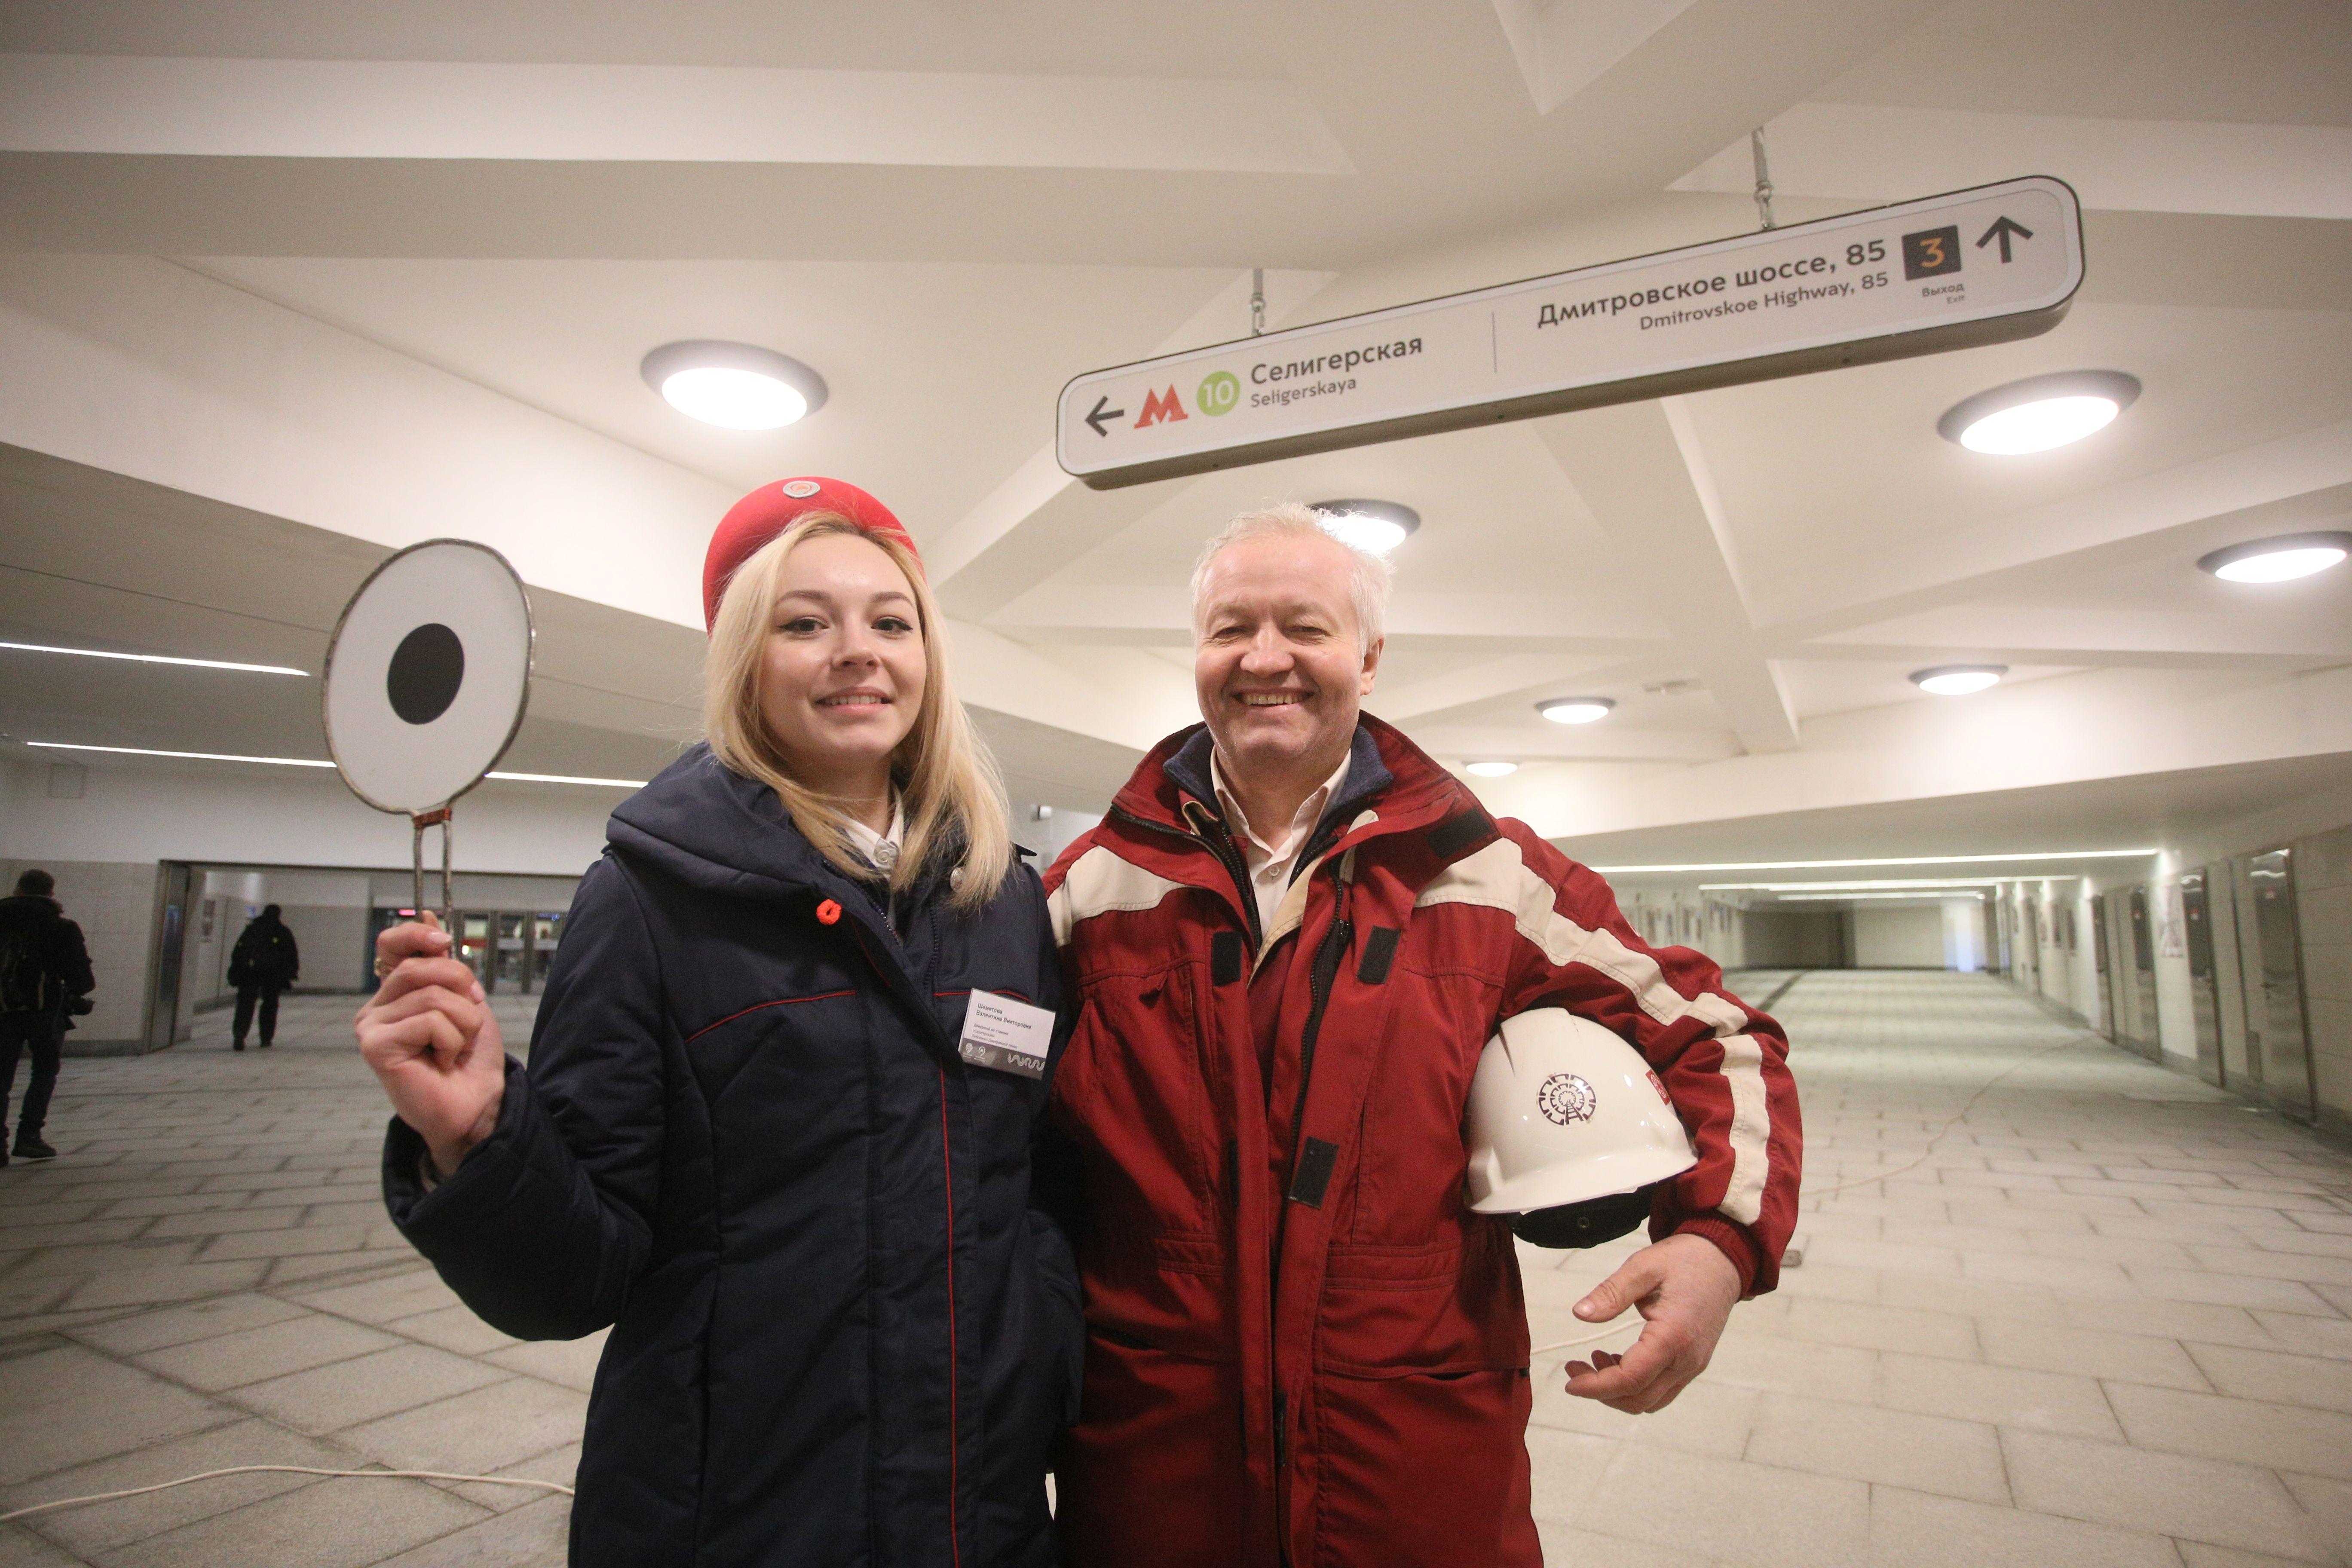 Почти 20 миллионов пассажиров воспользовались новым участком салатовой линии метро